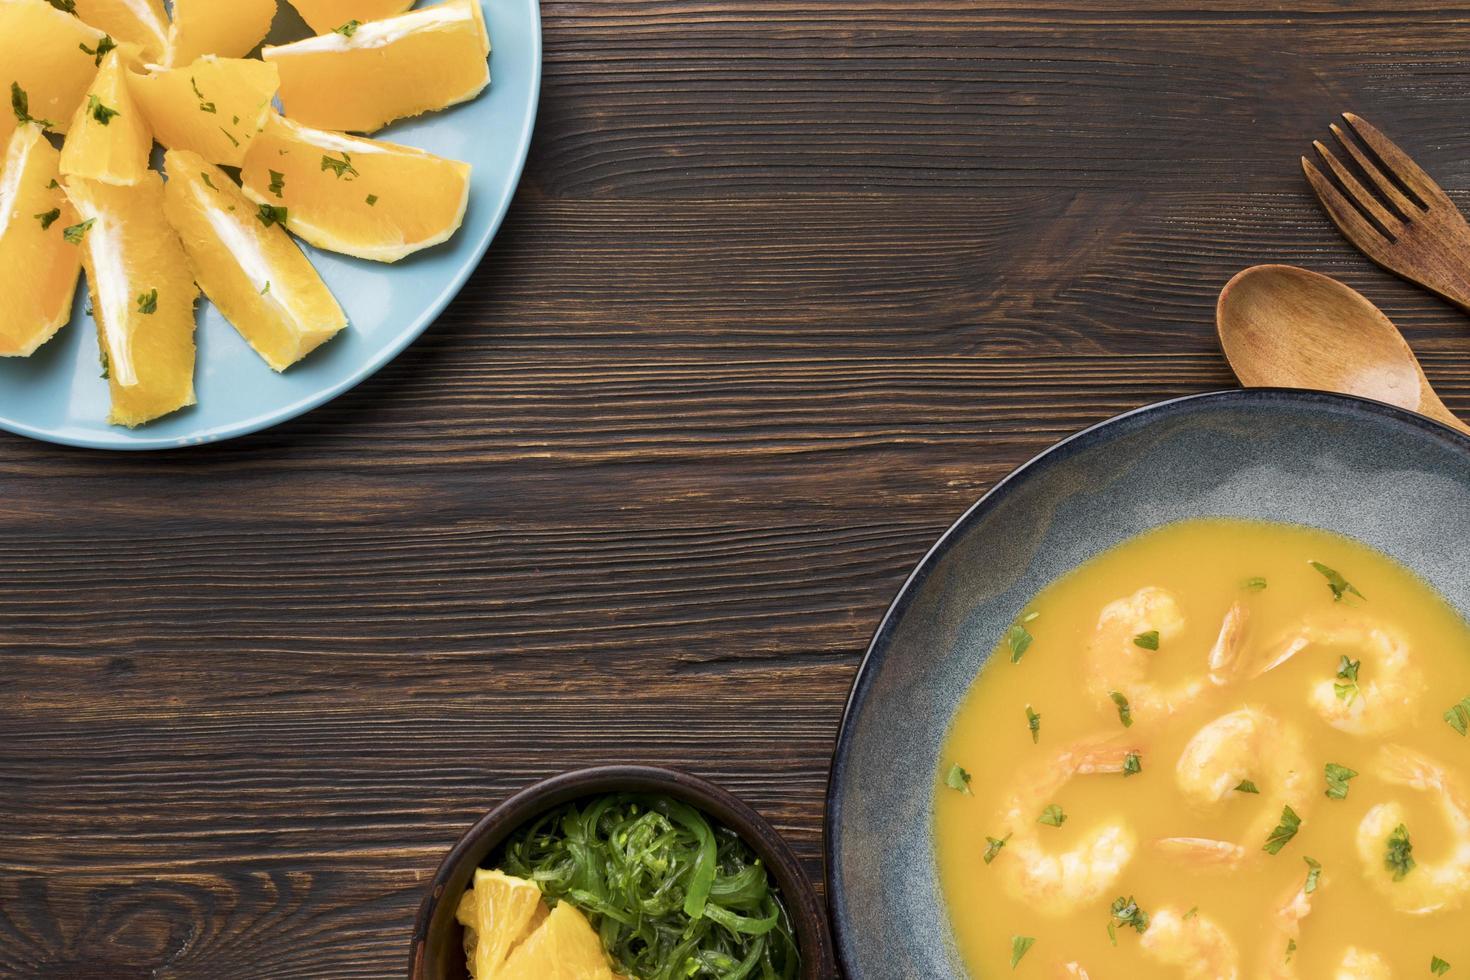 vue de dessus de la soupe aux crevettes photo